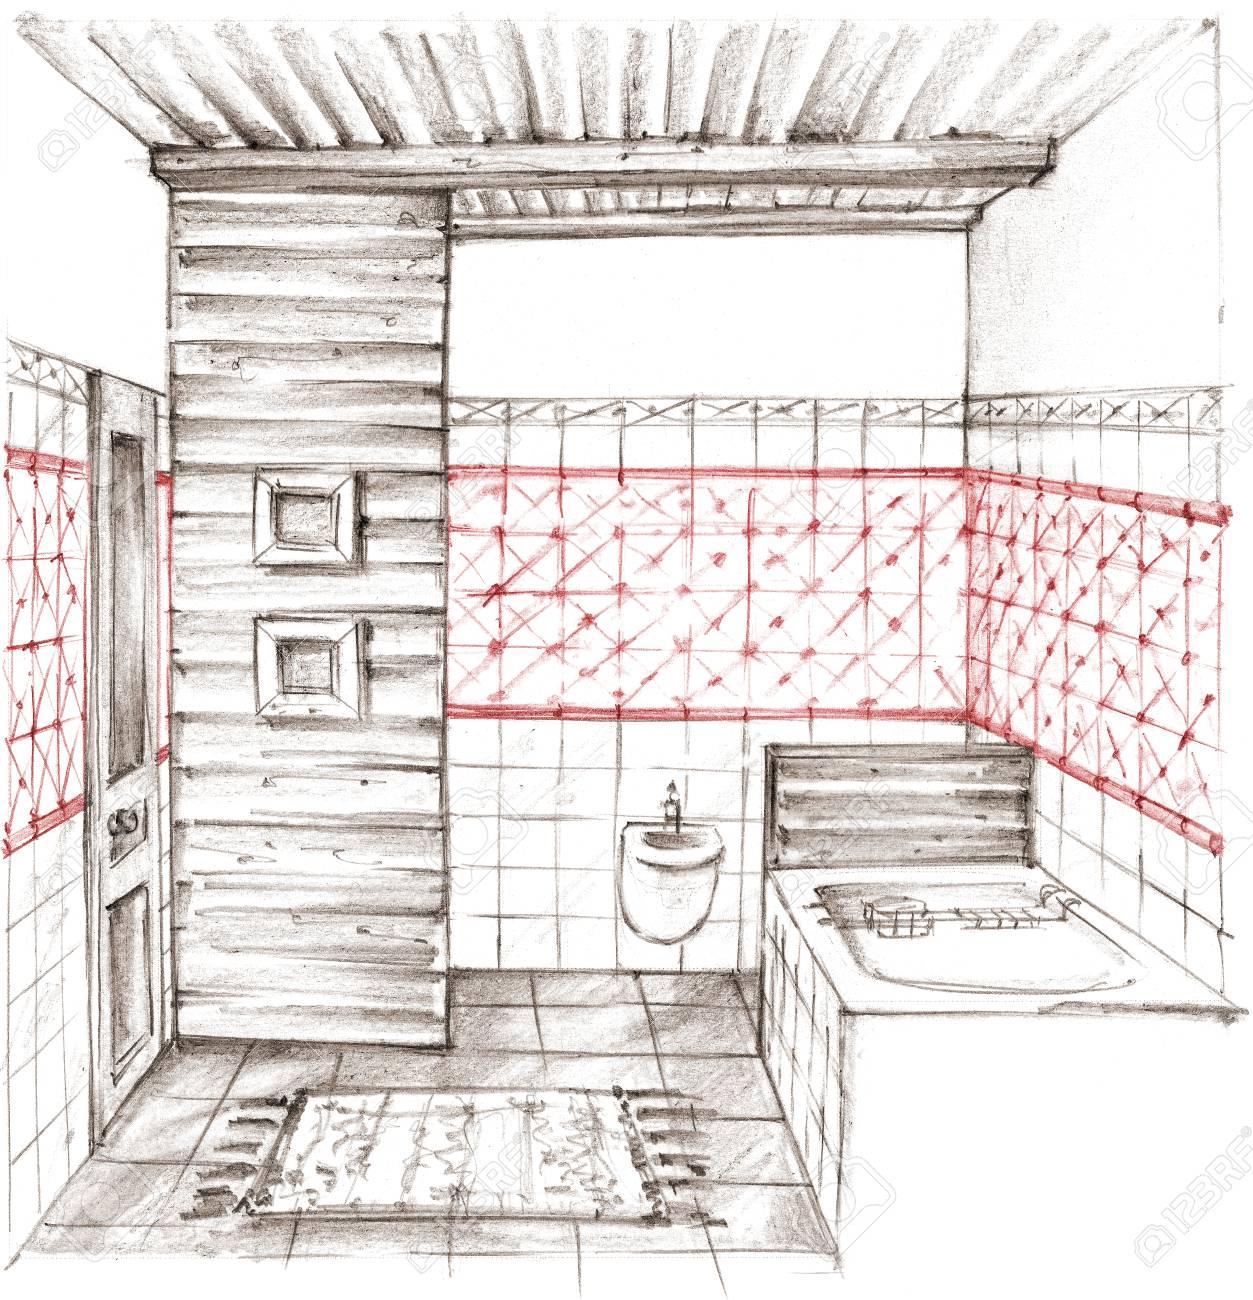 Dessin Salle De Bain dessin au crayon d'un intérieur de salle de bain classique sur fond blanc